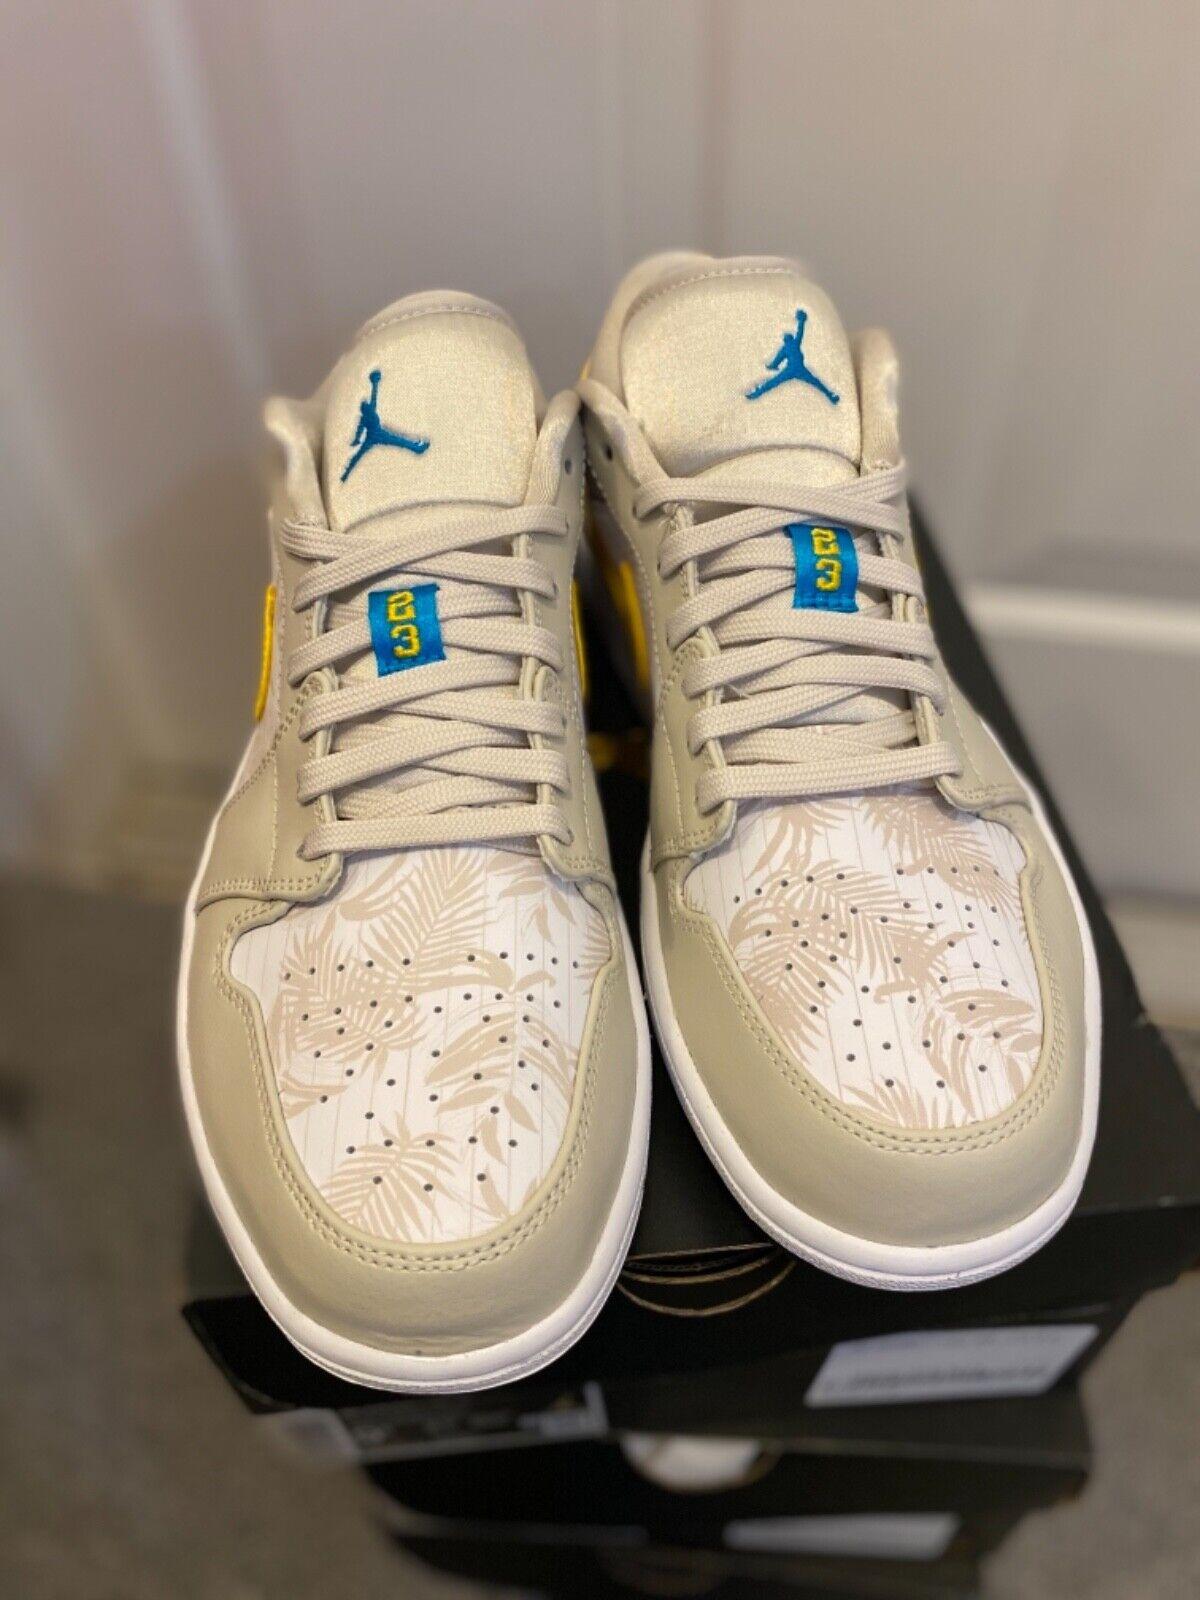 Nike Air Jordan 1 Phat Mens 364770 101 White Grey Yellow